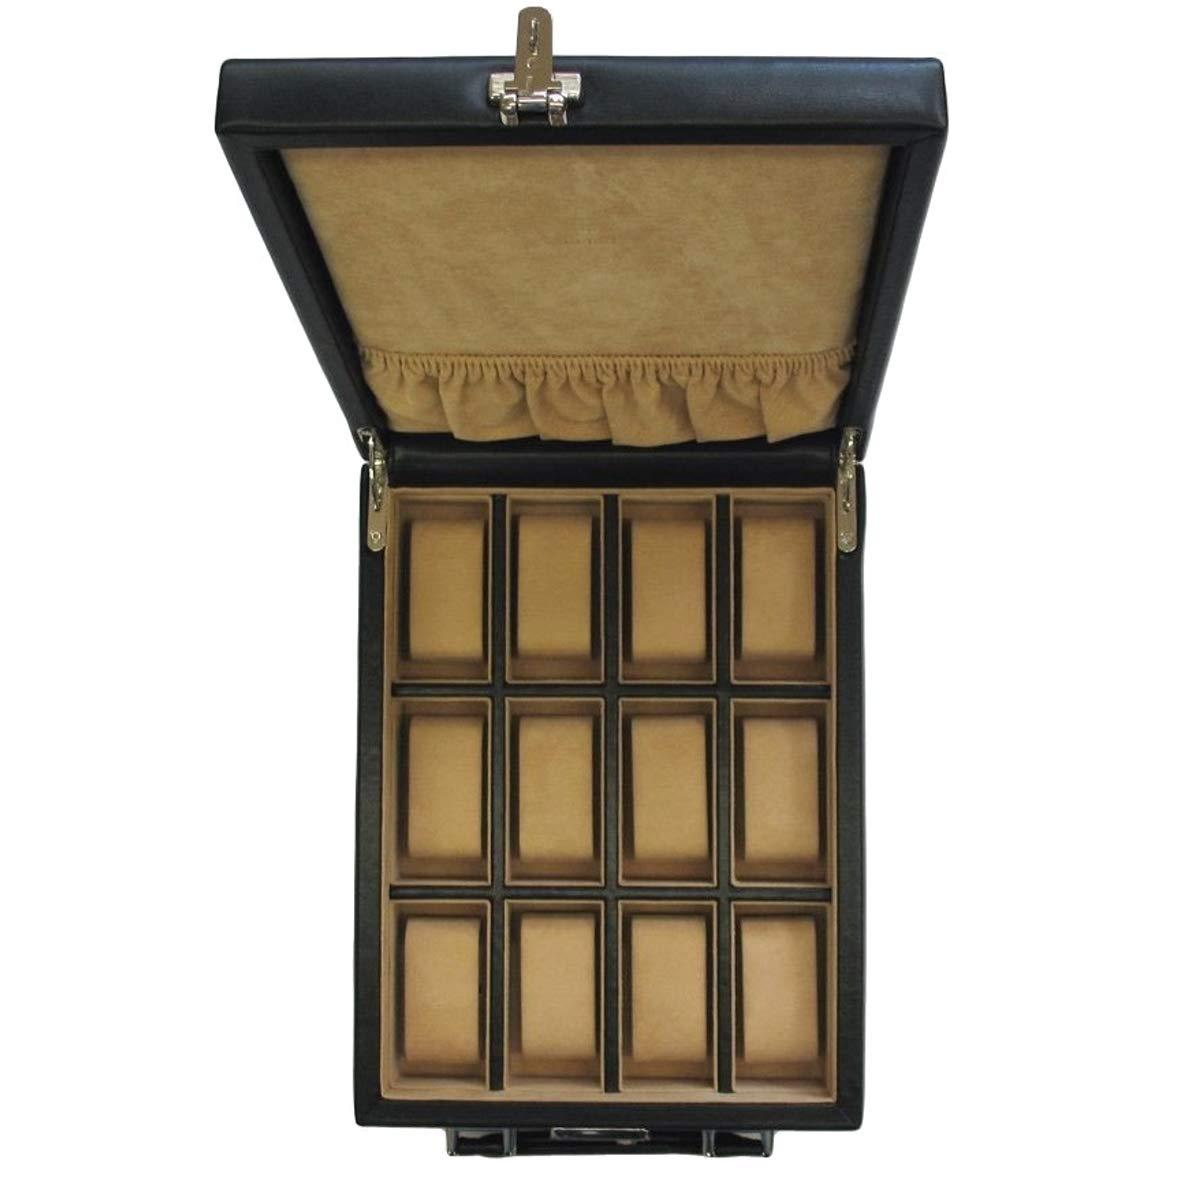 Windrose Ambiance Ambiance Ambiance Uhrenkoffer Uhren-Safe-Koffer für 12 Uhren Schwarz 1102ee